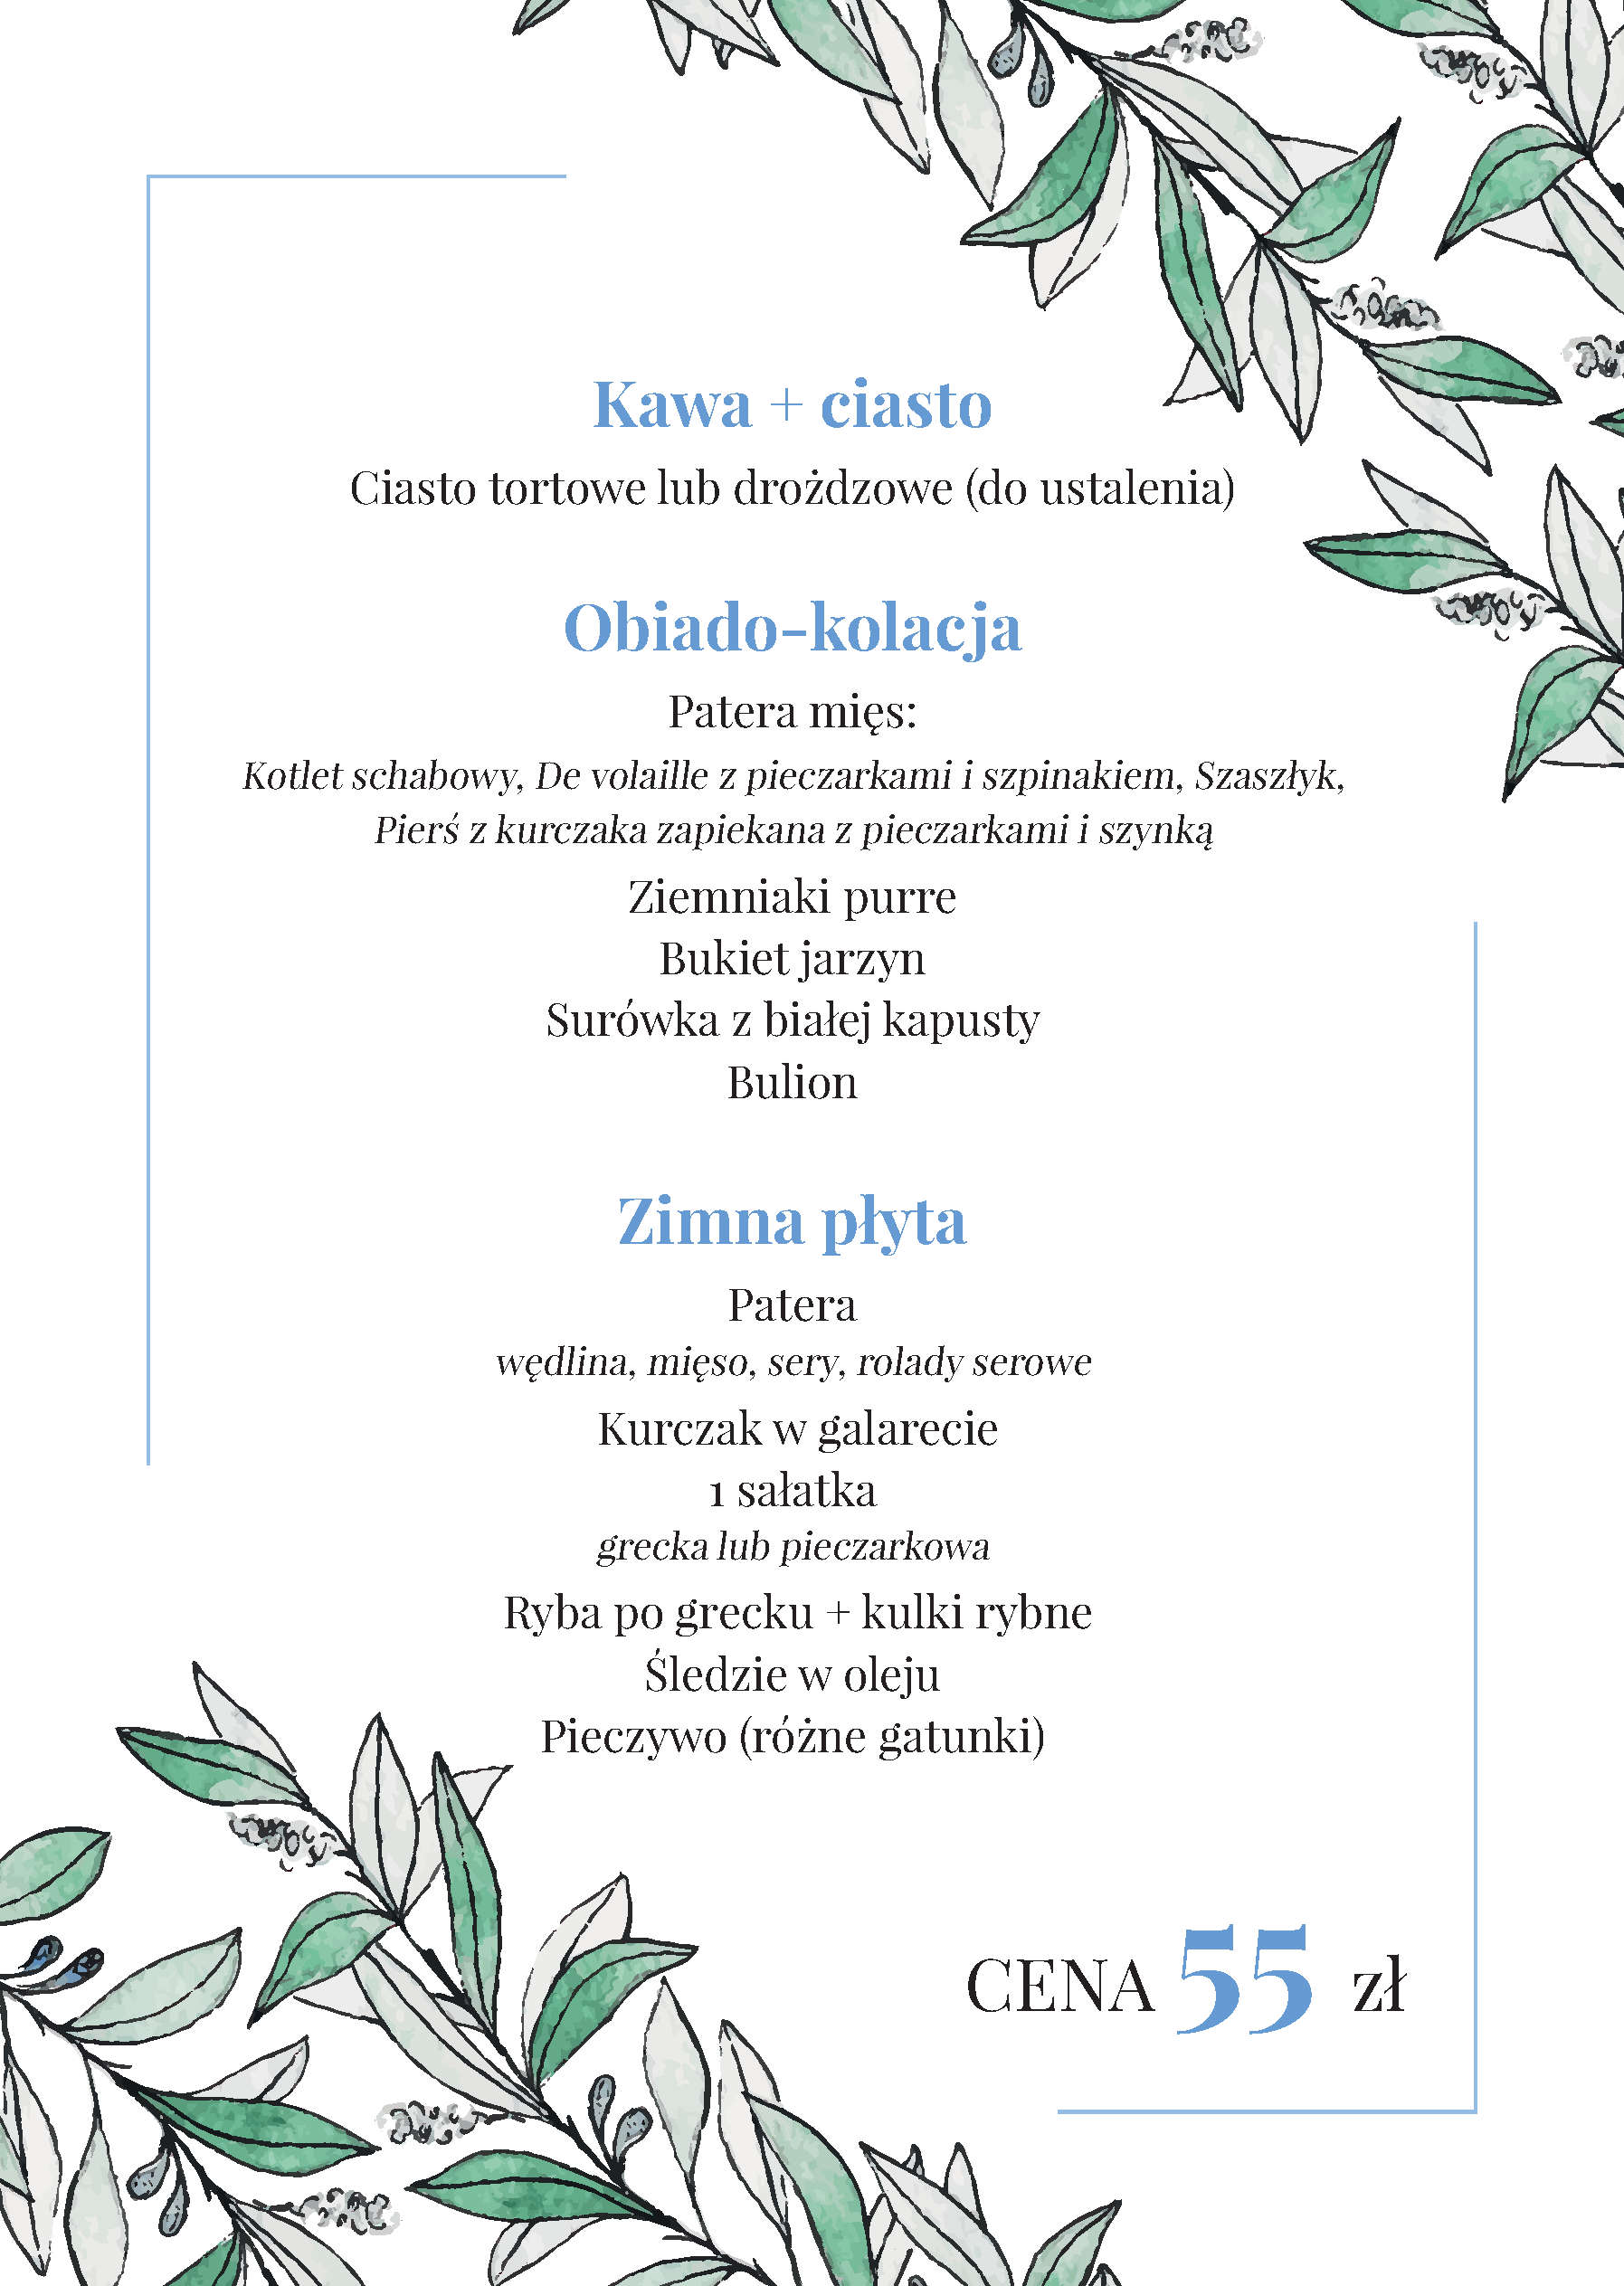 jedzenie-menu-havanna-strzebiń